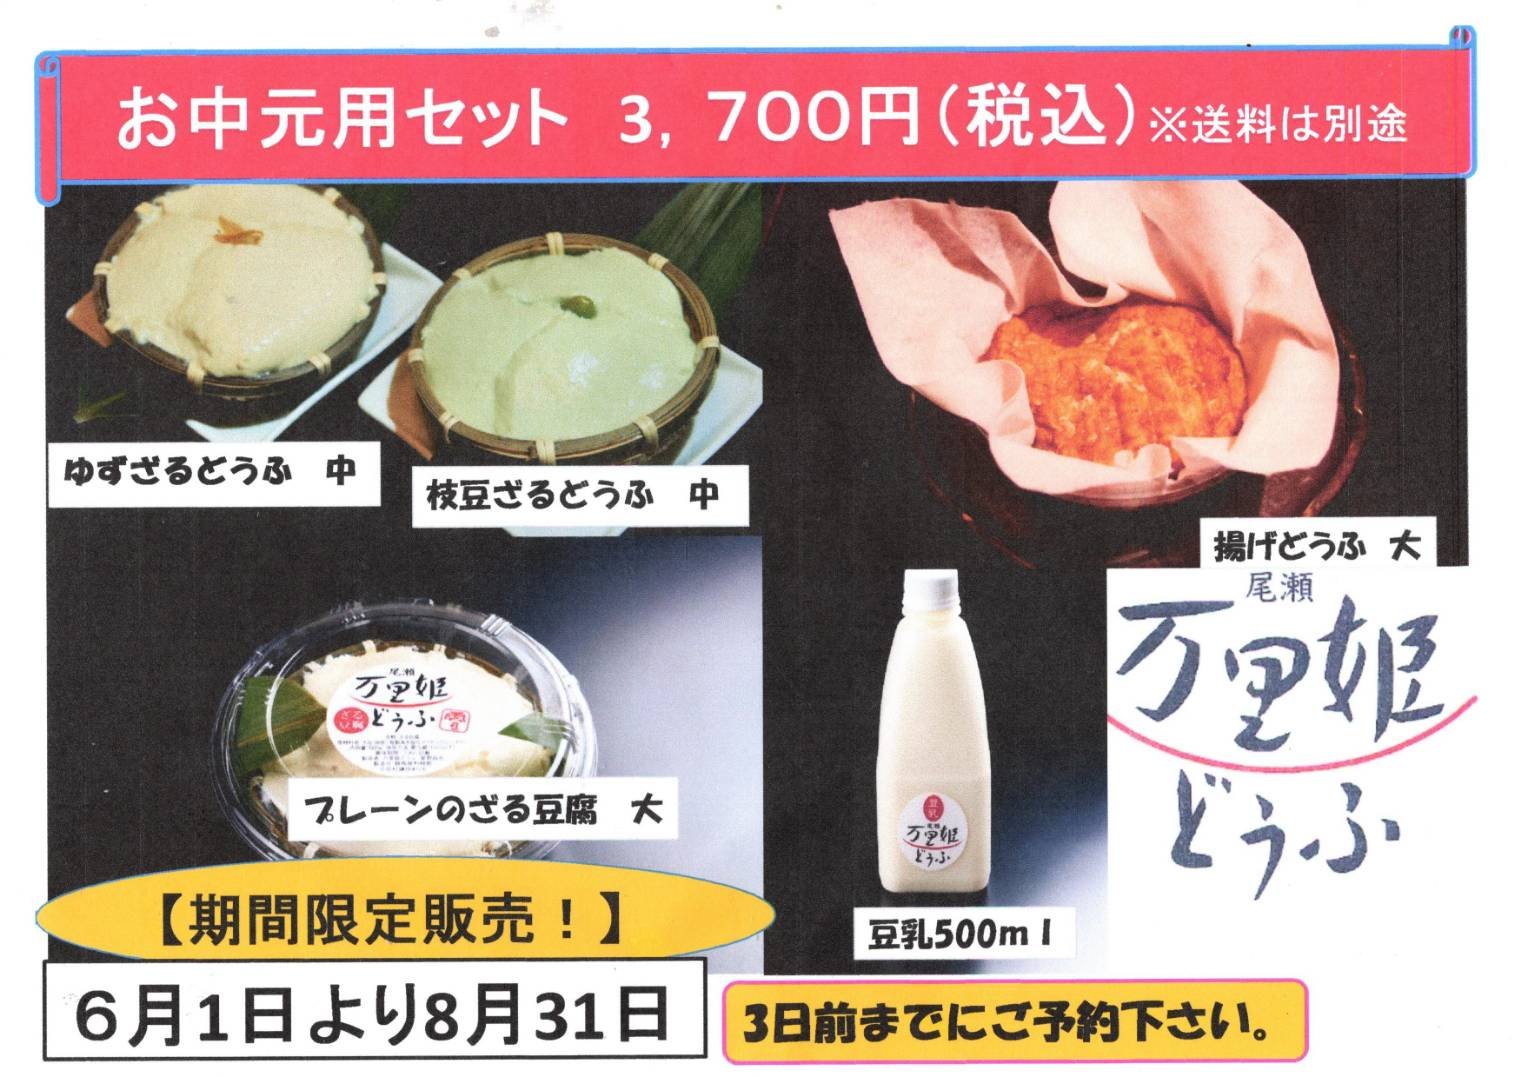 万理姫どうふお中元3700円セット